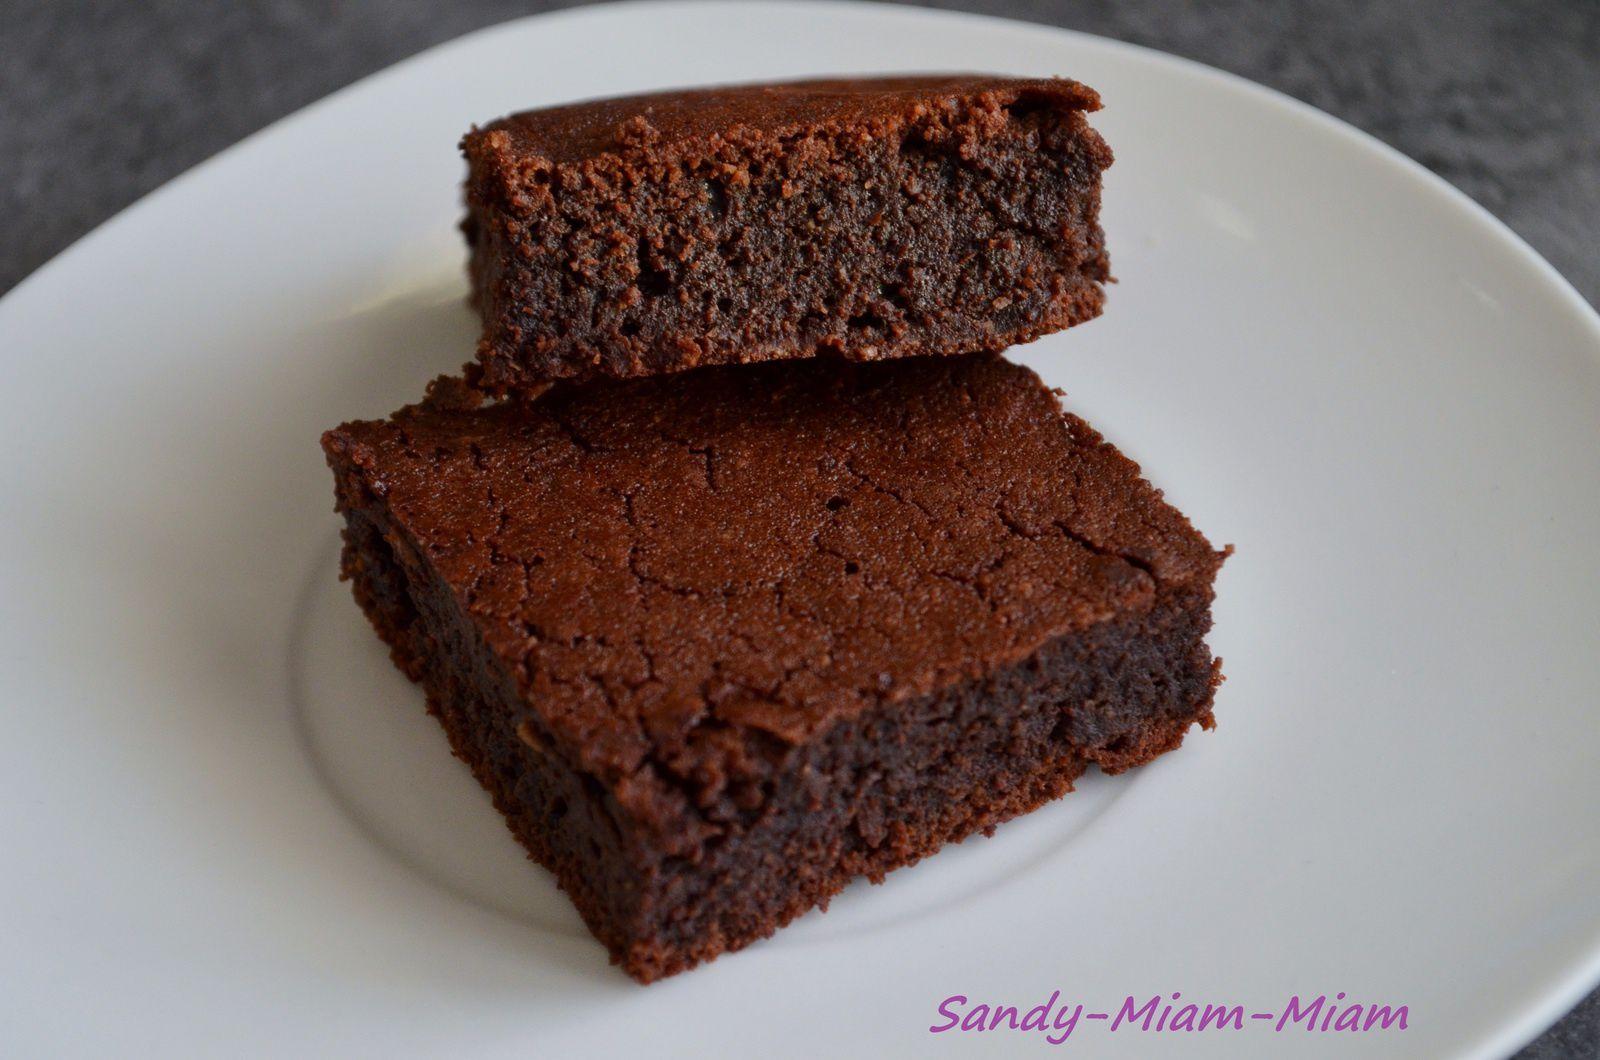 Fondant chocolat noir aux amandes